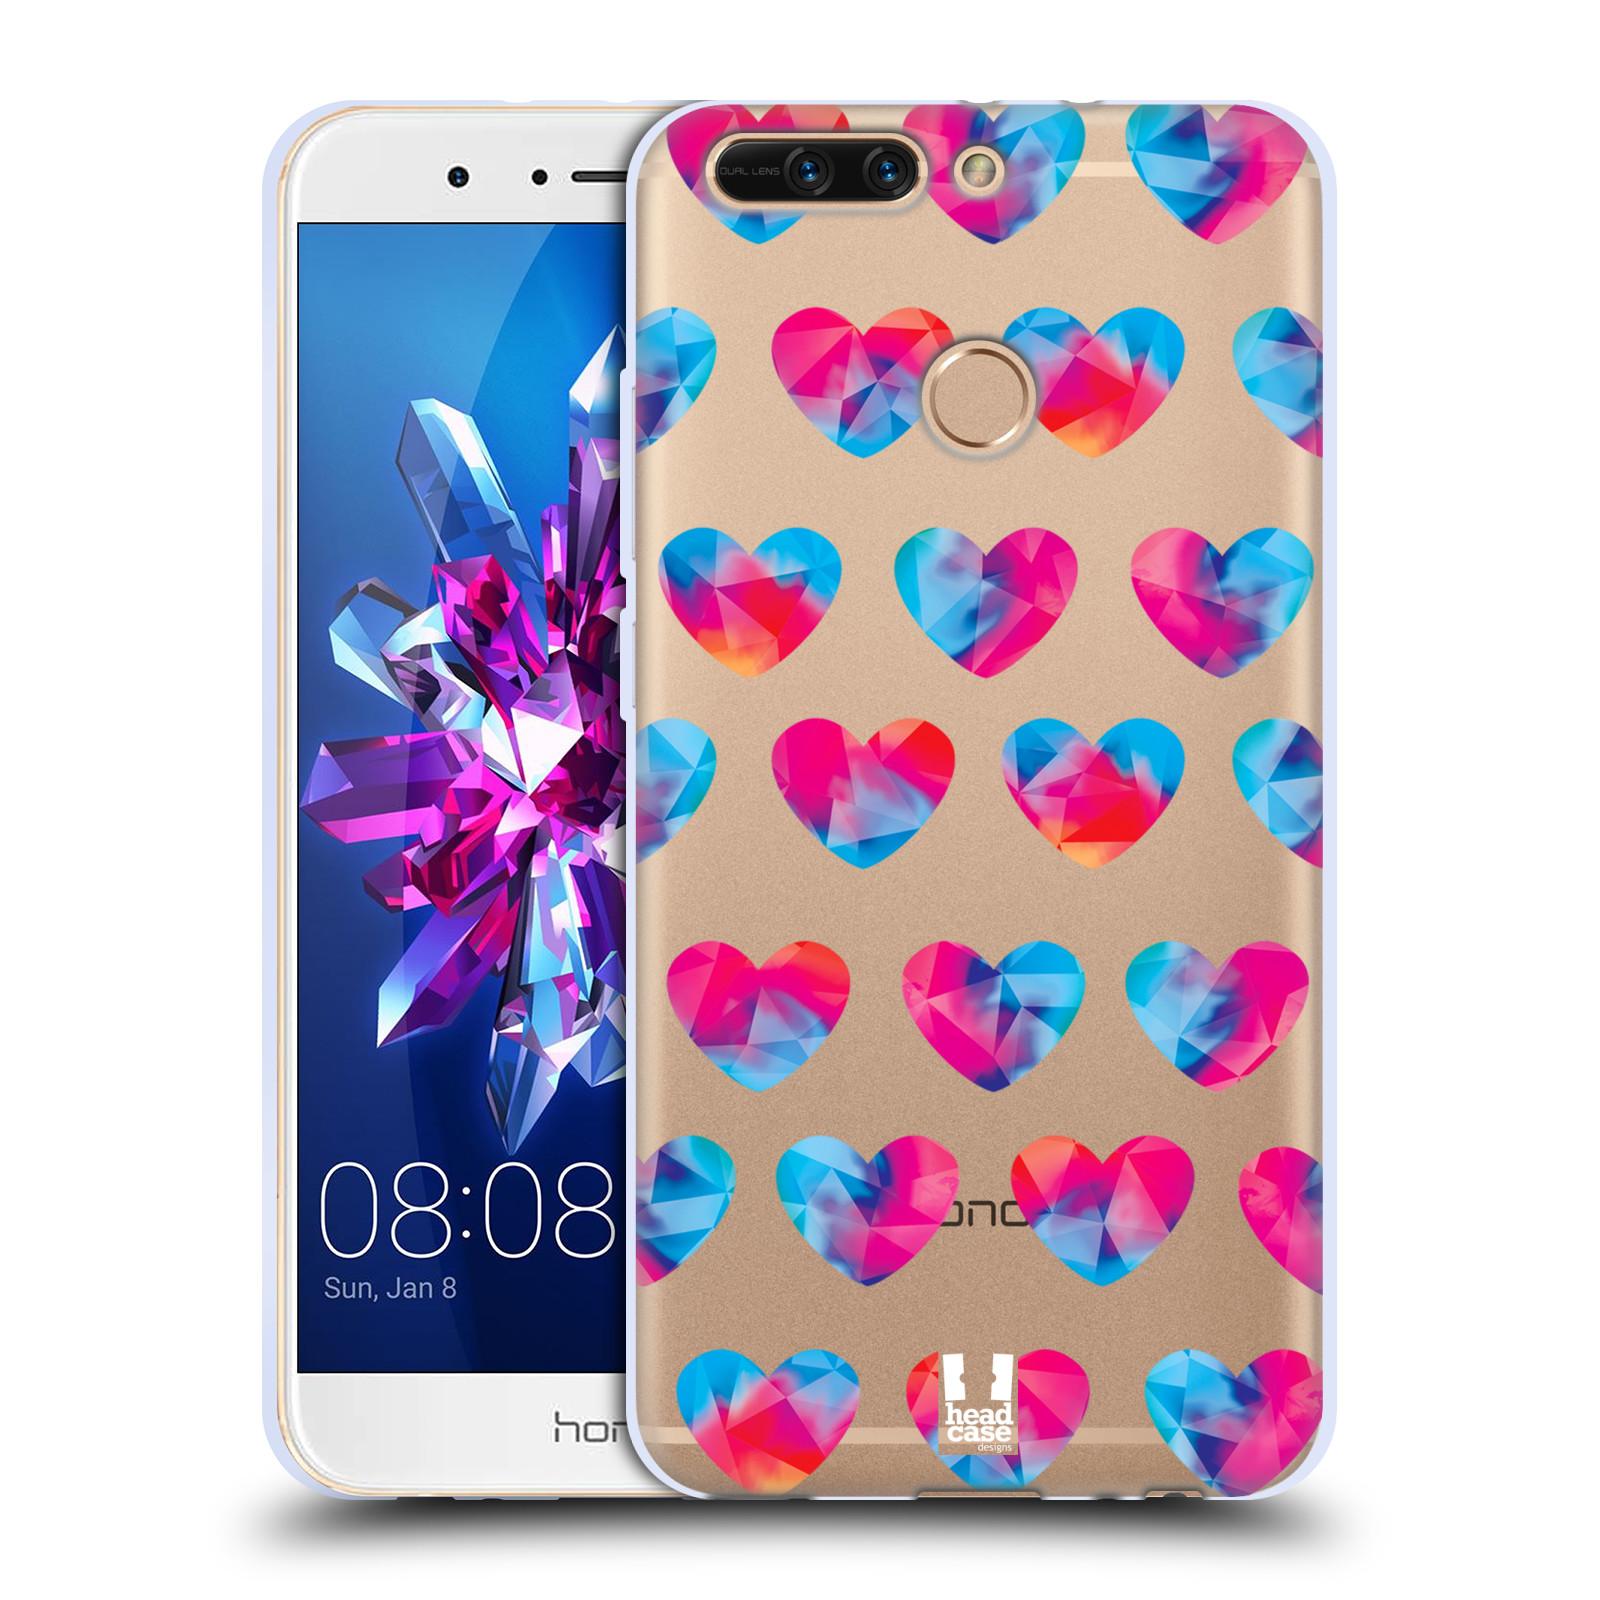 Silikonové pouzdro na mobil Honor 8 Pro - Head Case - Srdíčka hrající barvami